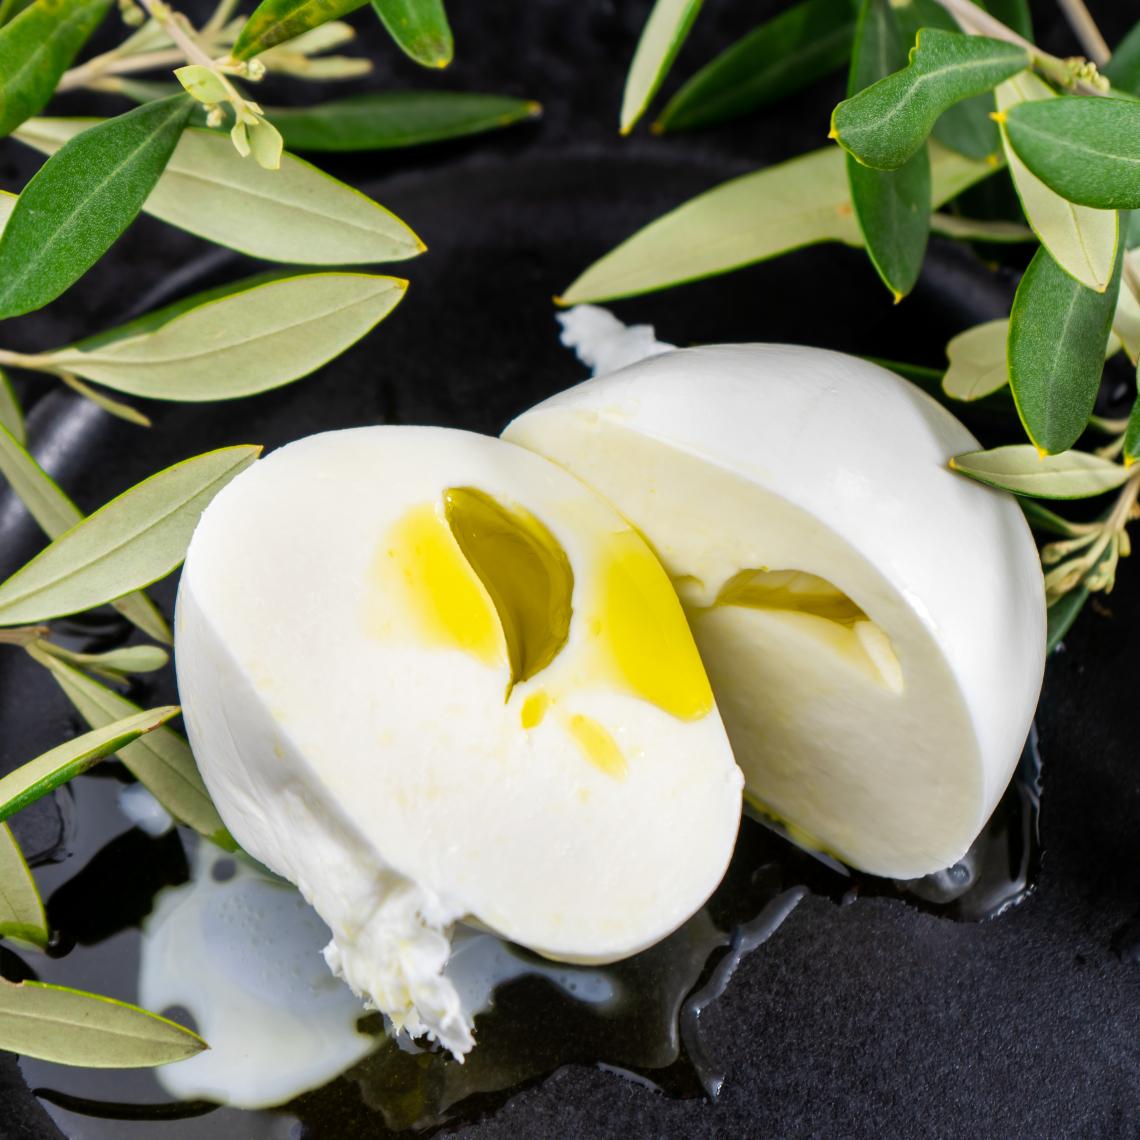 Le nuove nozze tra mozzarella di bufala e olio extra vergine d'oliva: Cuor d'Olio